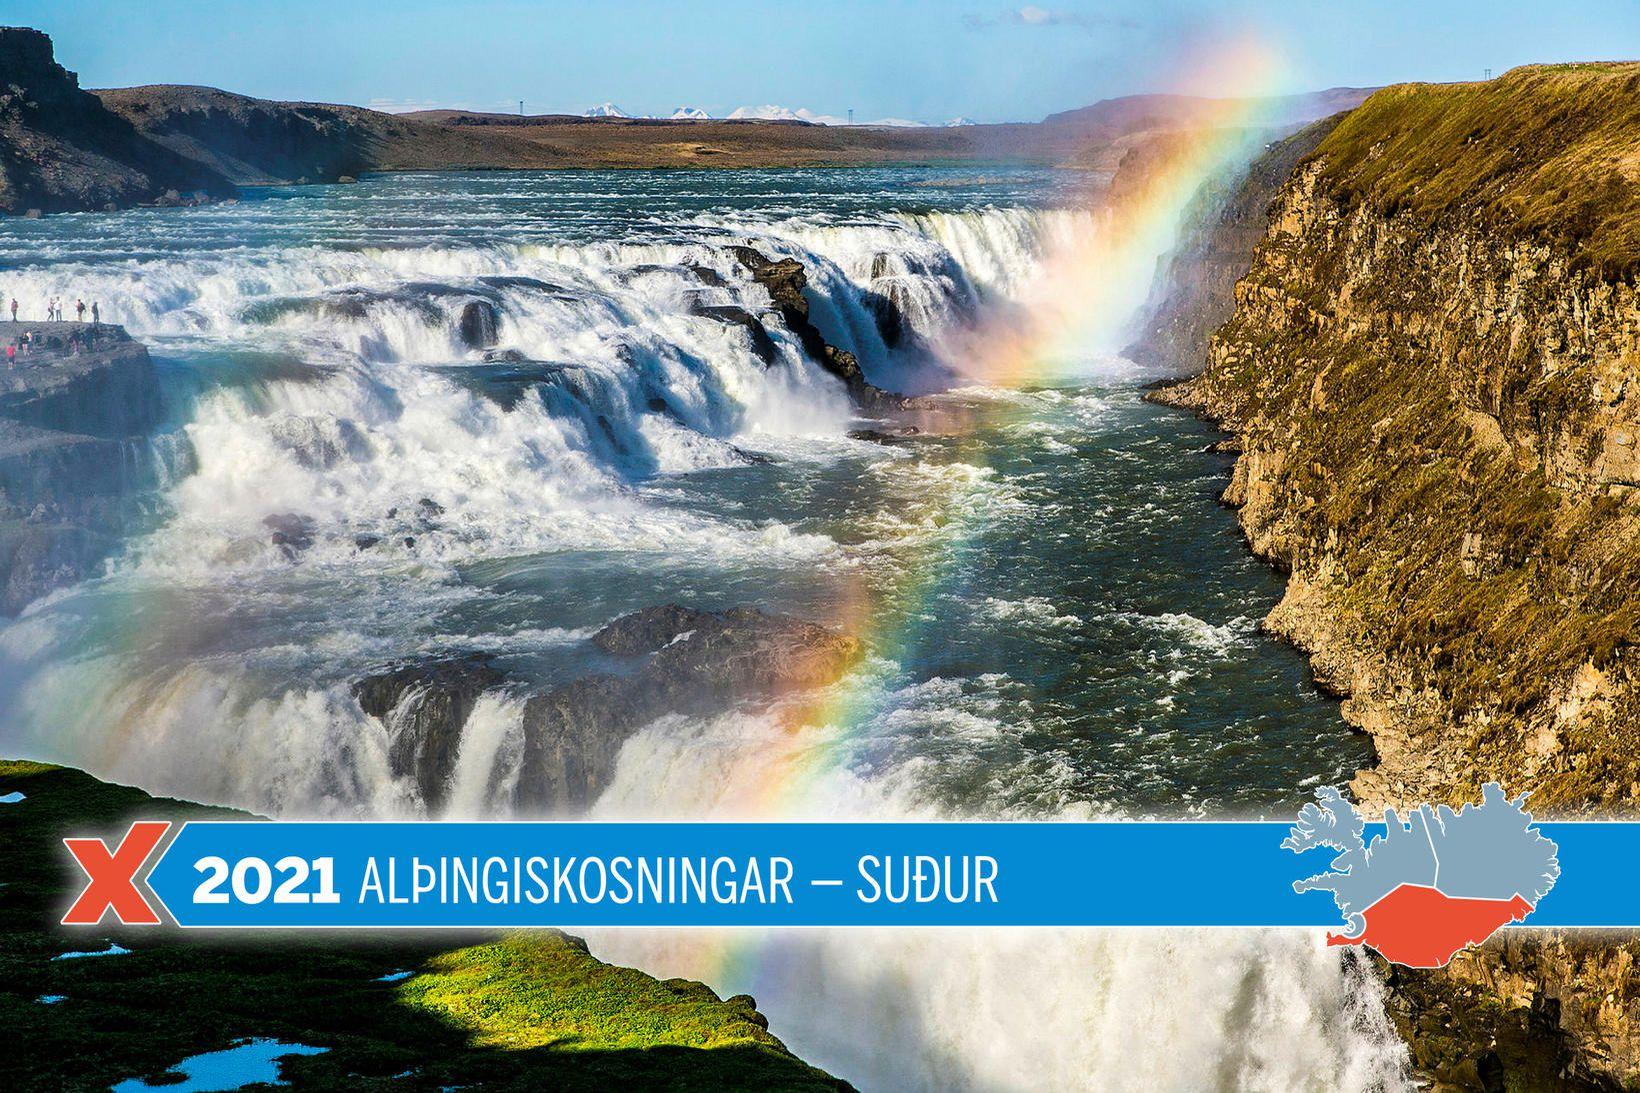 Líklegt má telja að atkvæði verði talin aftur í Suðurkjördæmi.